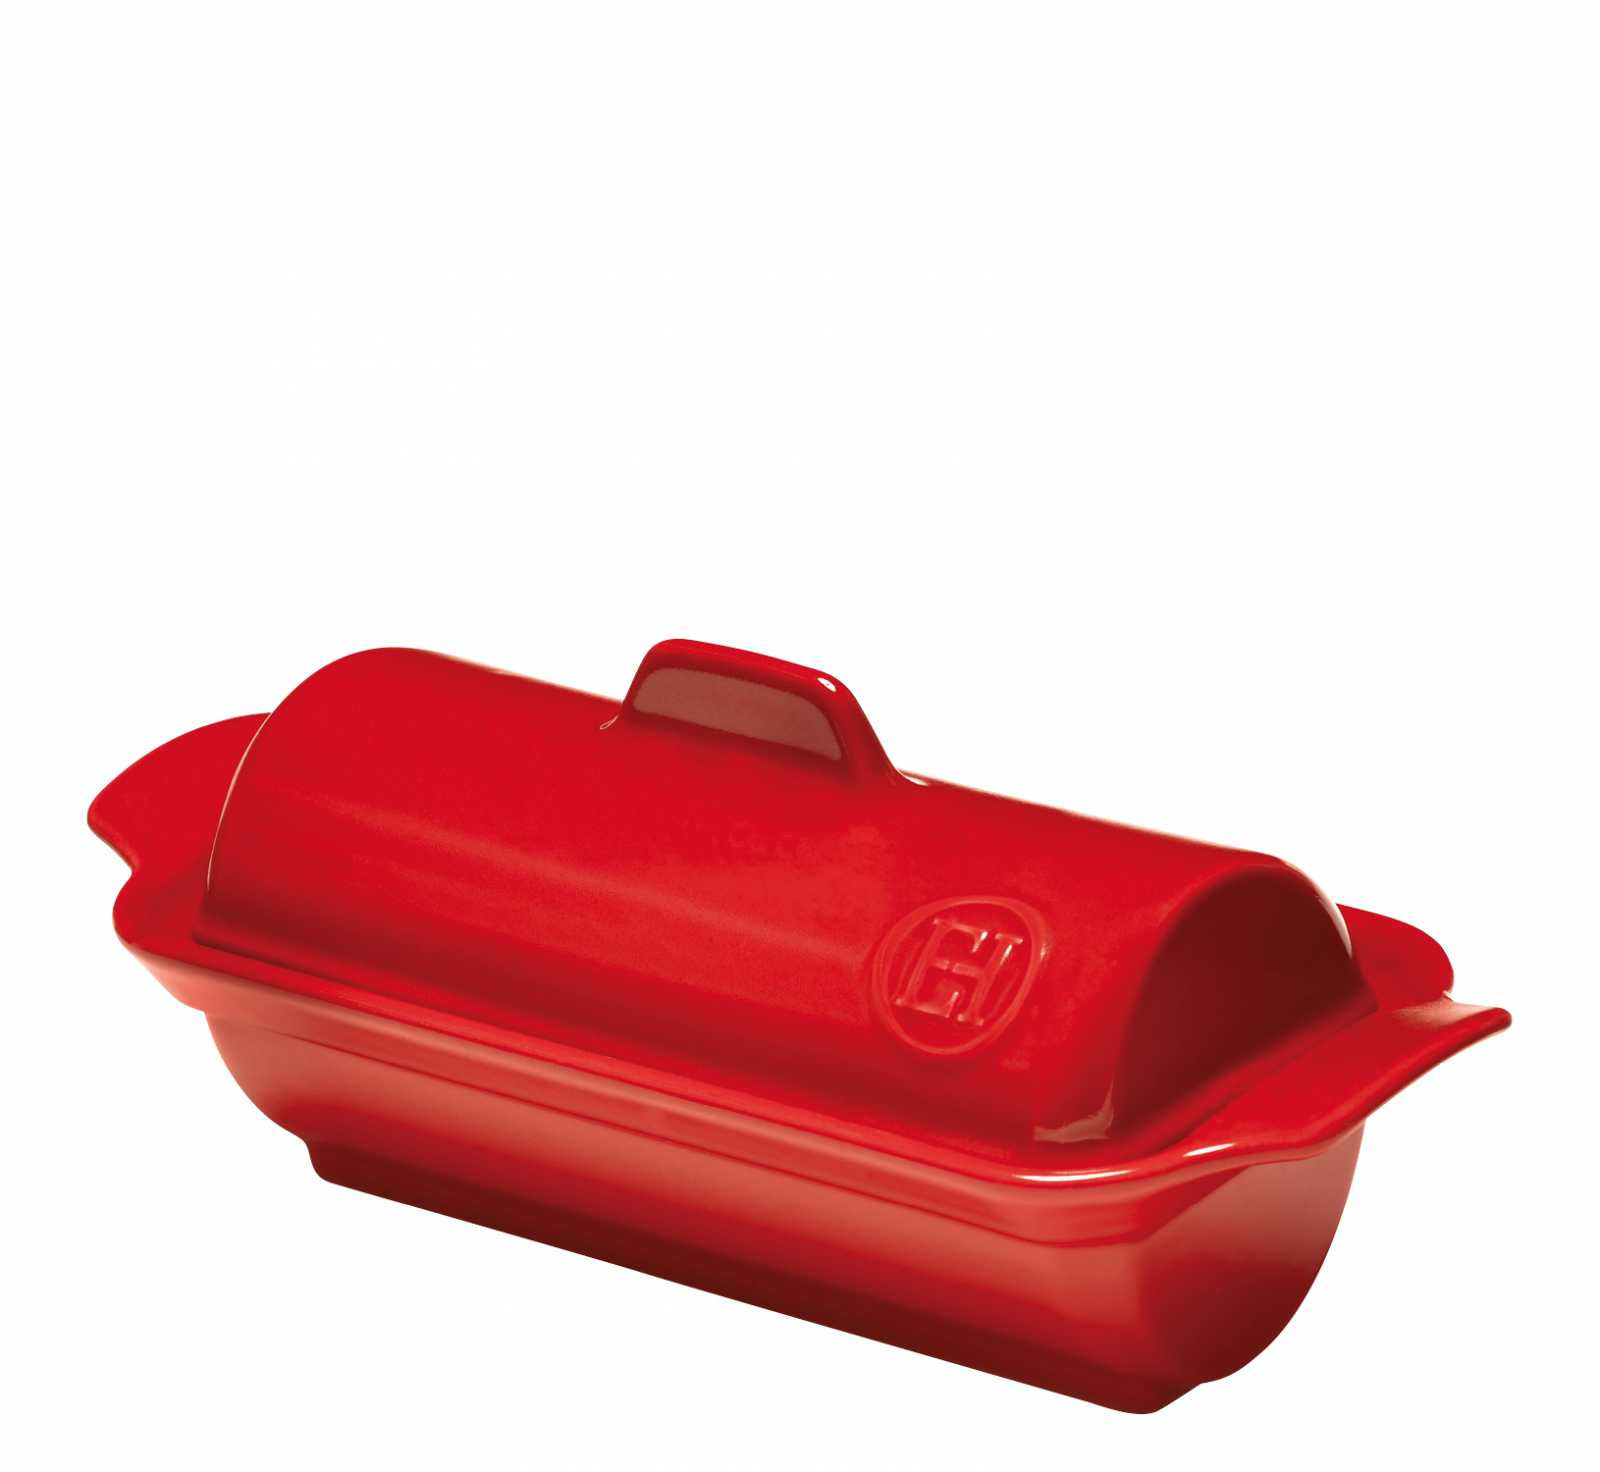 Форма для фуа-гра Emile Henry, 24,5x10,5 см, красный Emile Henry 345865 фото 0